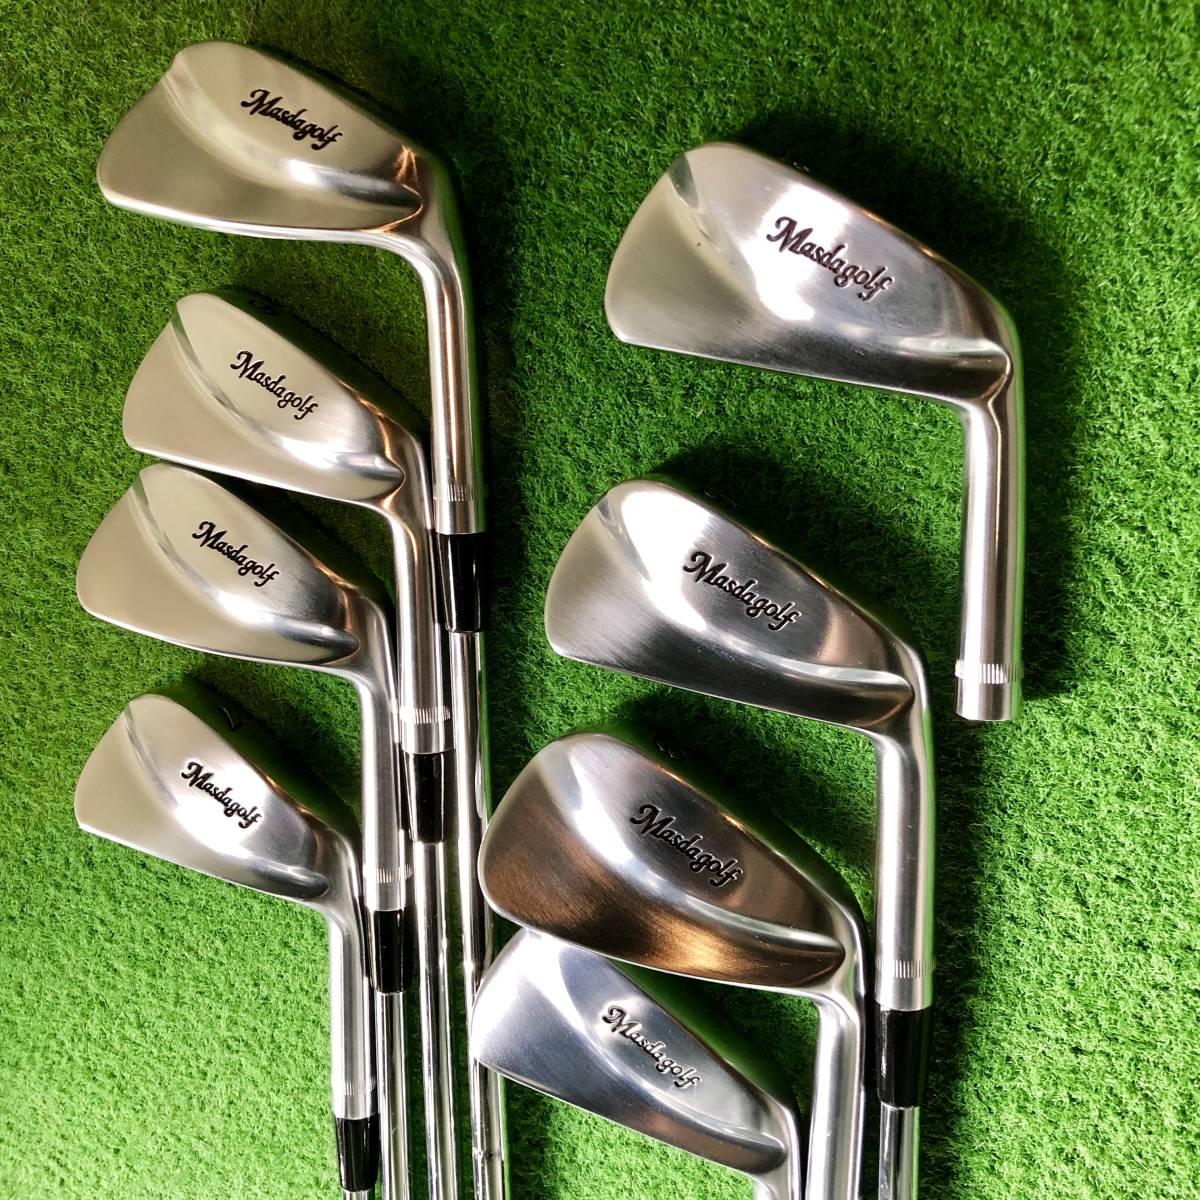 新品同様 特注 Masda golf マスダゴルフ マッスルプロト 3番~PW 8本 未使用 送料無料 生産終了品